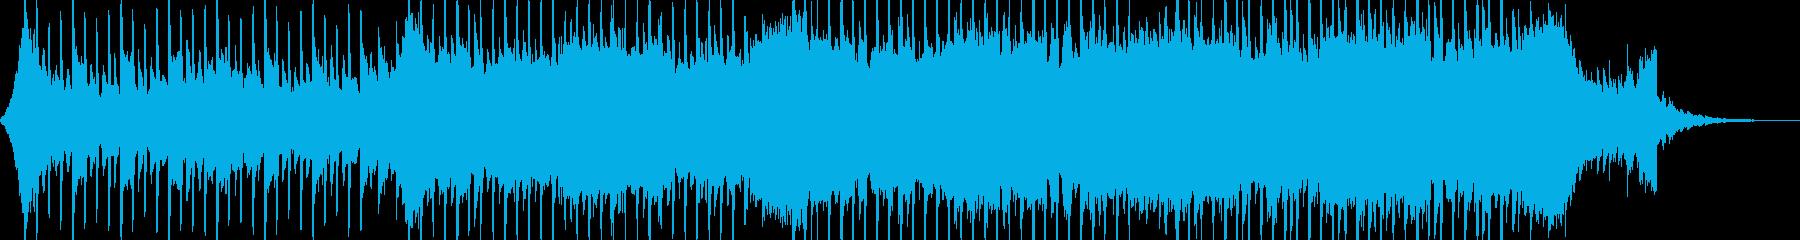 企業VP系43、爽やかギター4つ打ちbの再生済みの波形